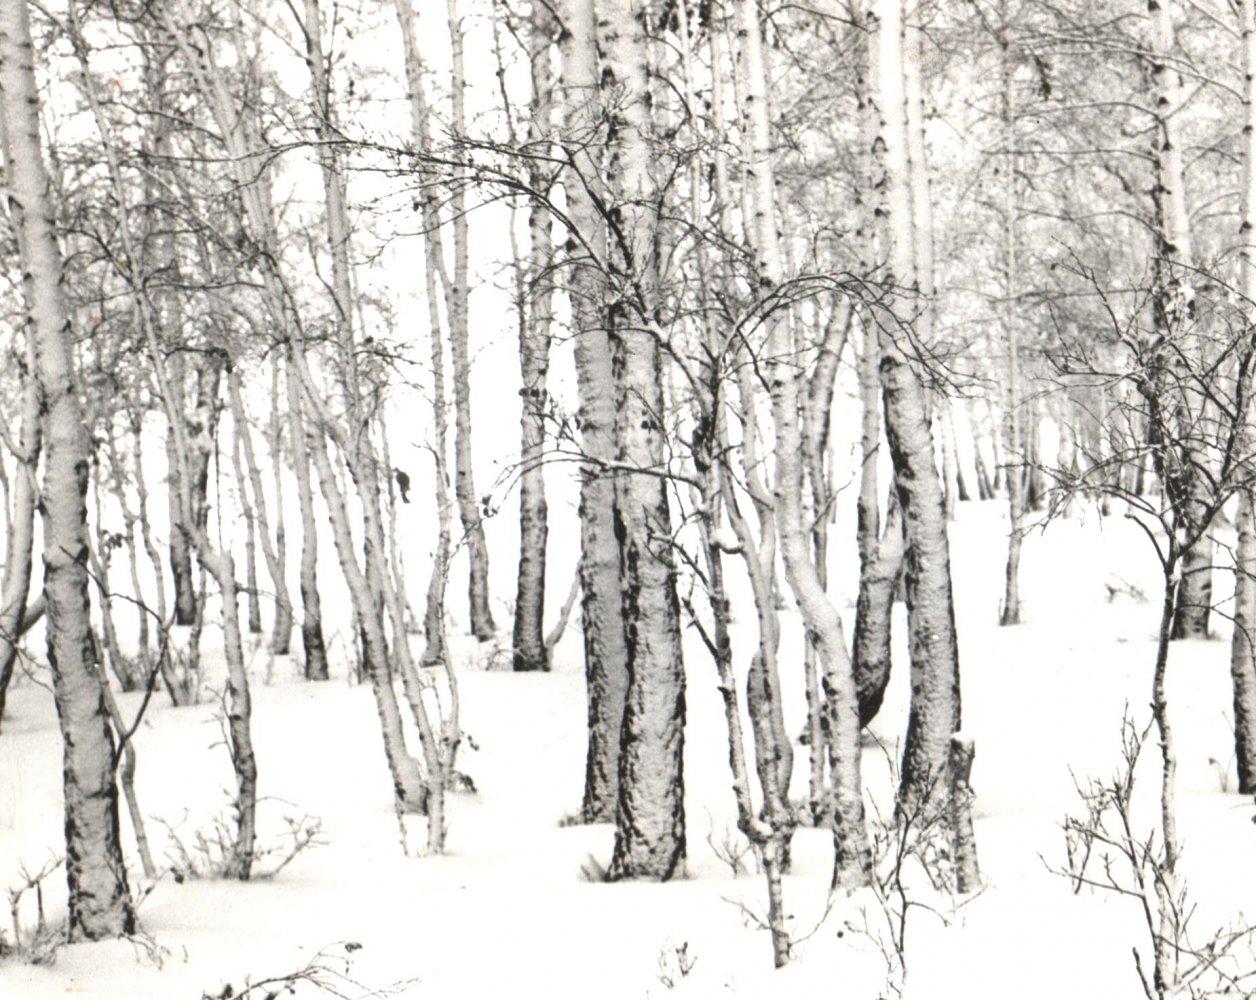 Фото Изображение 086.jpg. Казахстан, Северо-Казахстанская область, A-16